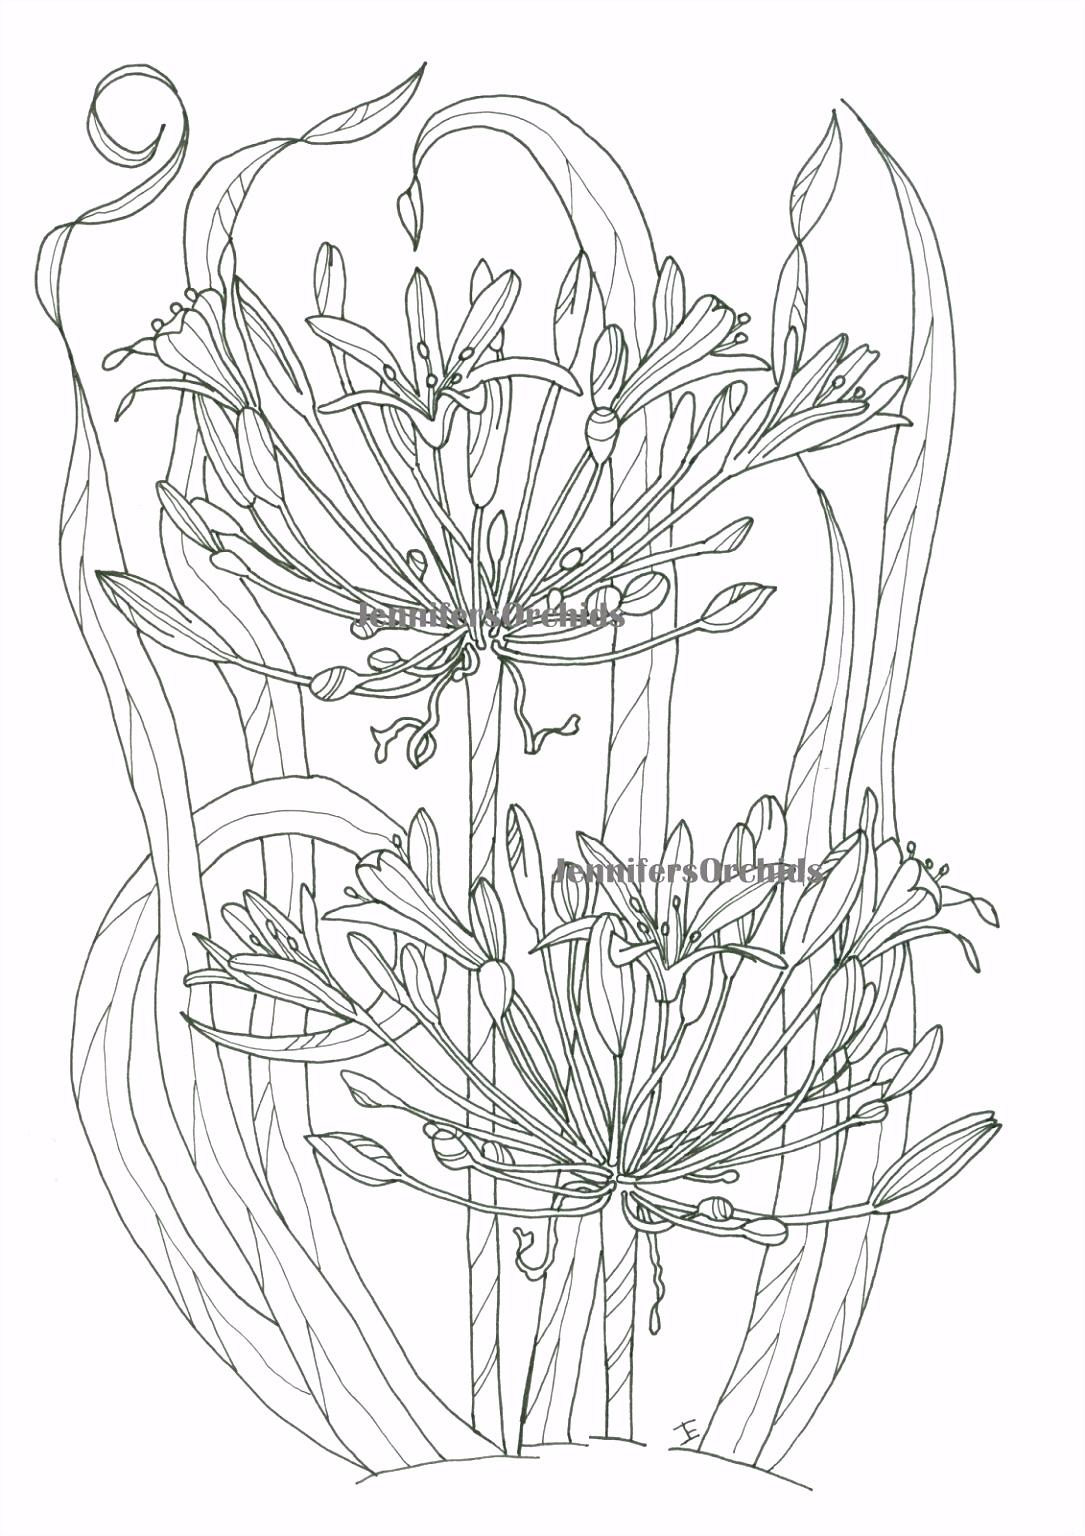 Kleurplaten Bloemen Schilderijen Van orchidee N & andere Botanische Werken A4cf55oad2 Chtomunfj0